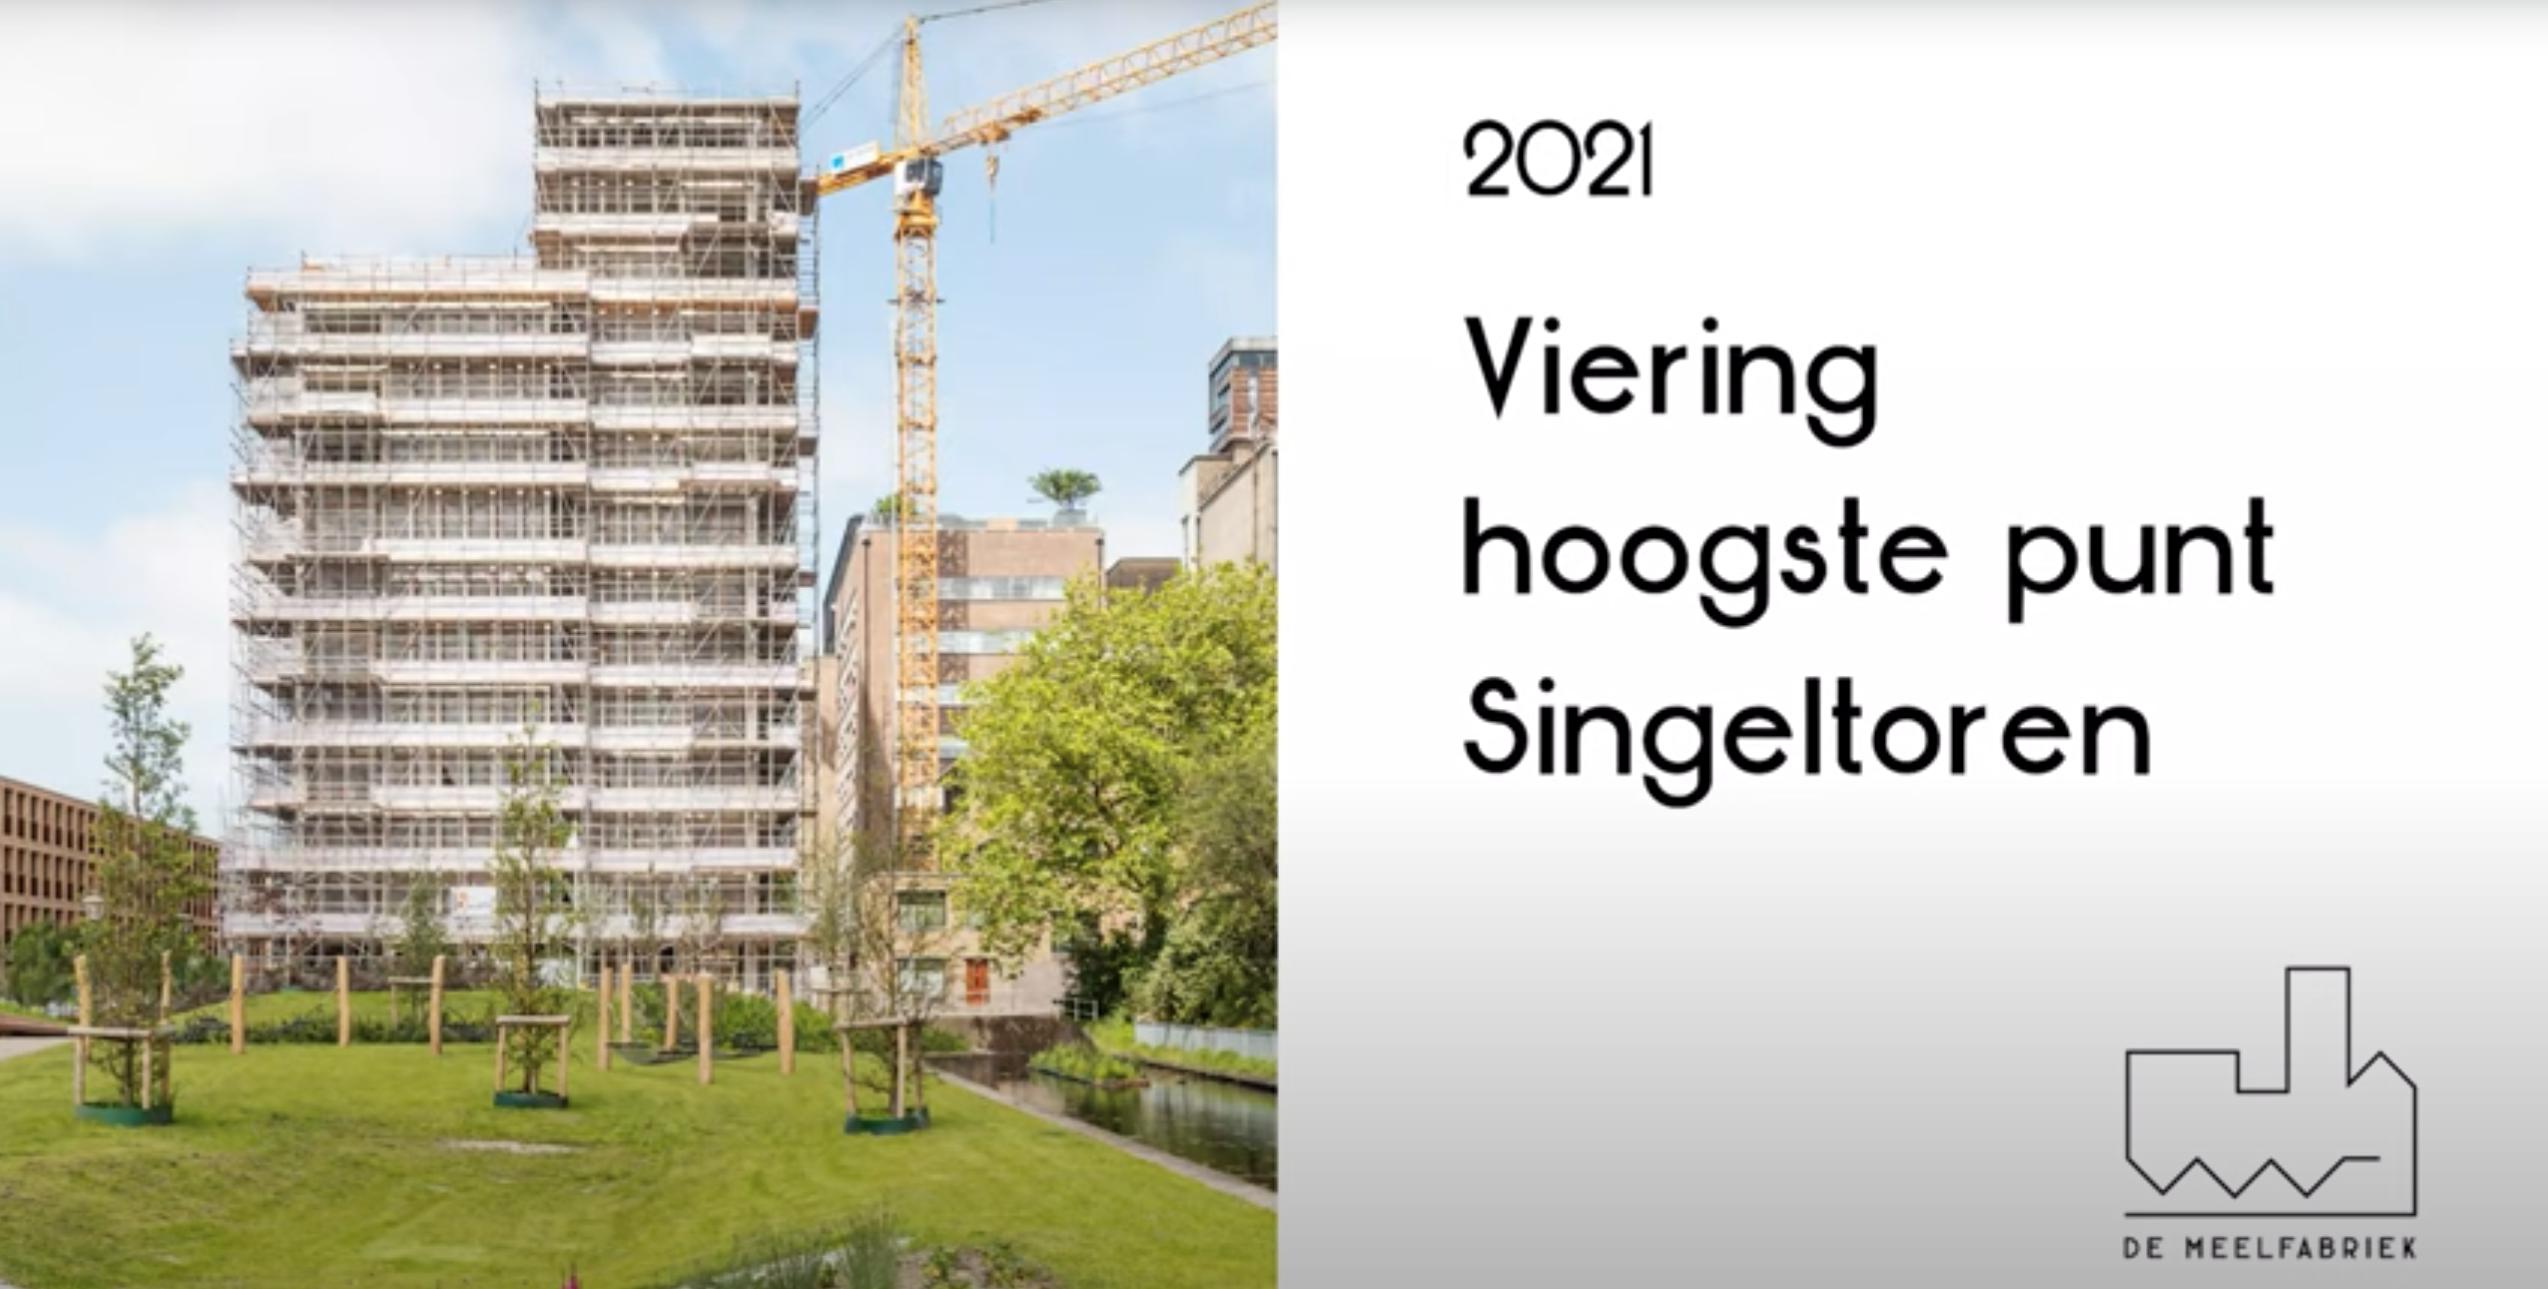 Hoogste punt Singel toren. De Meelfabriek in Leiden